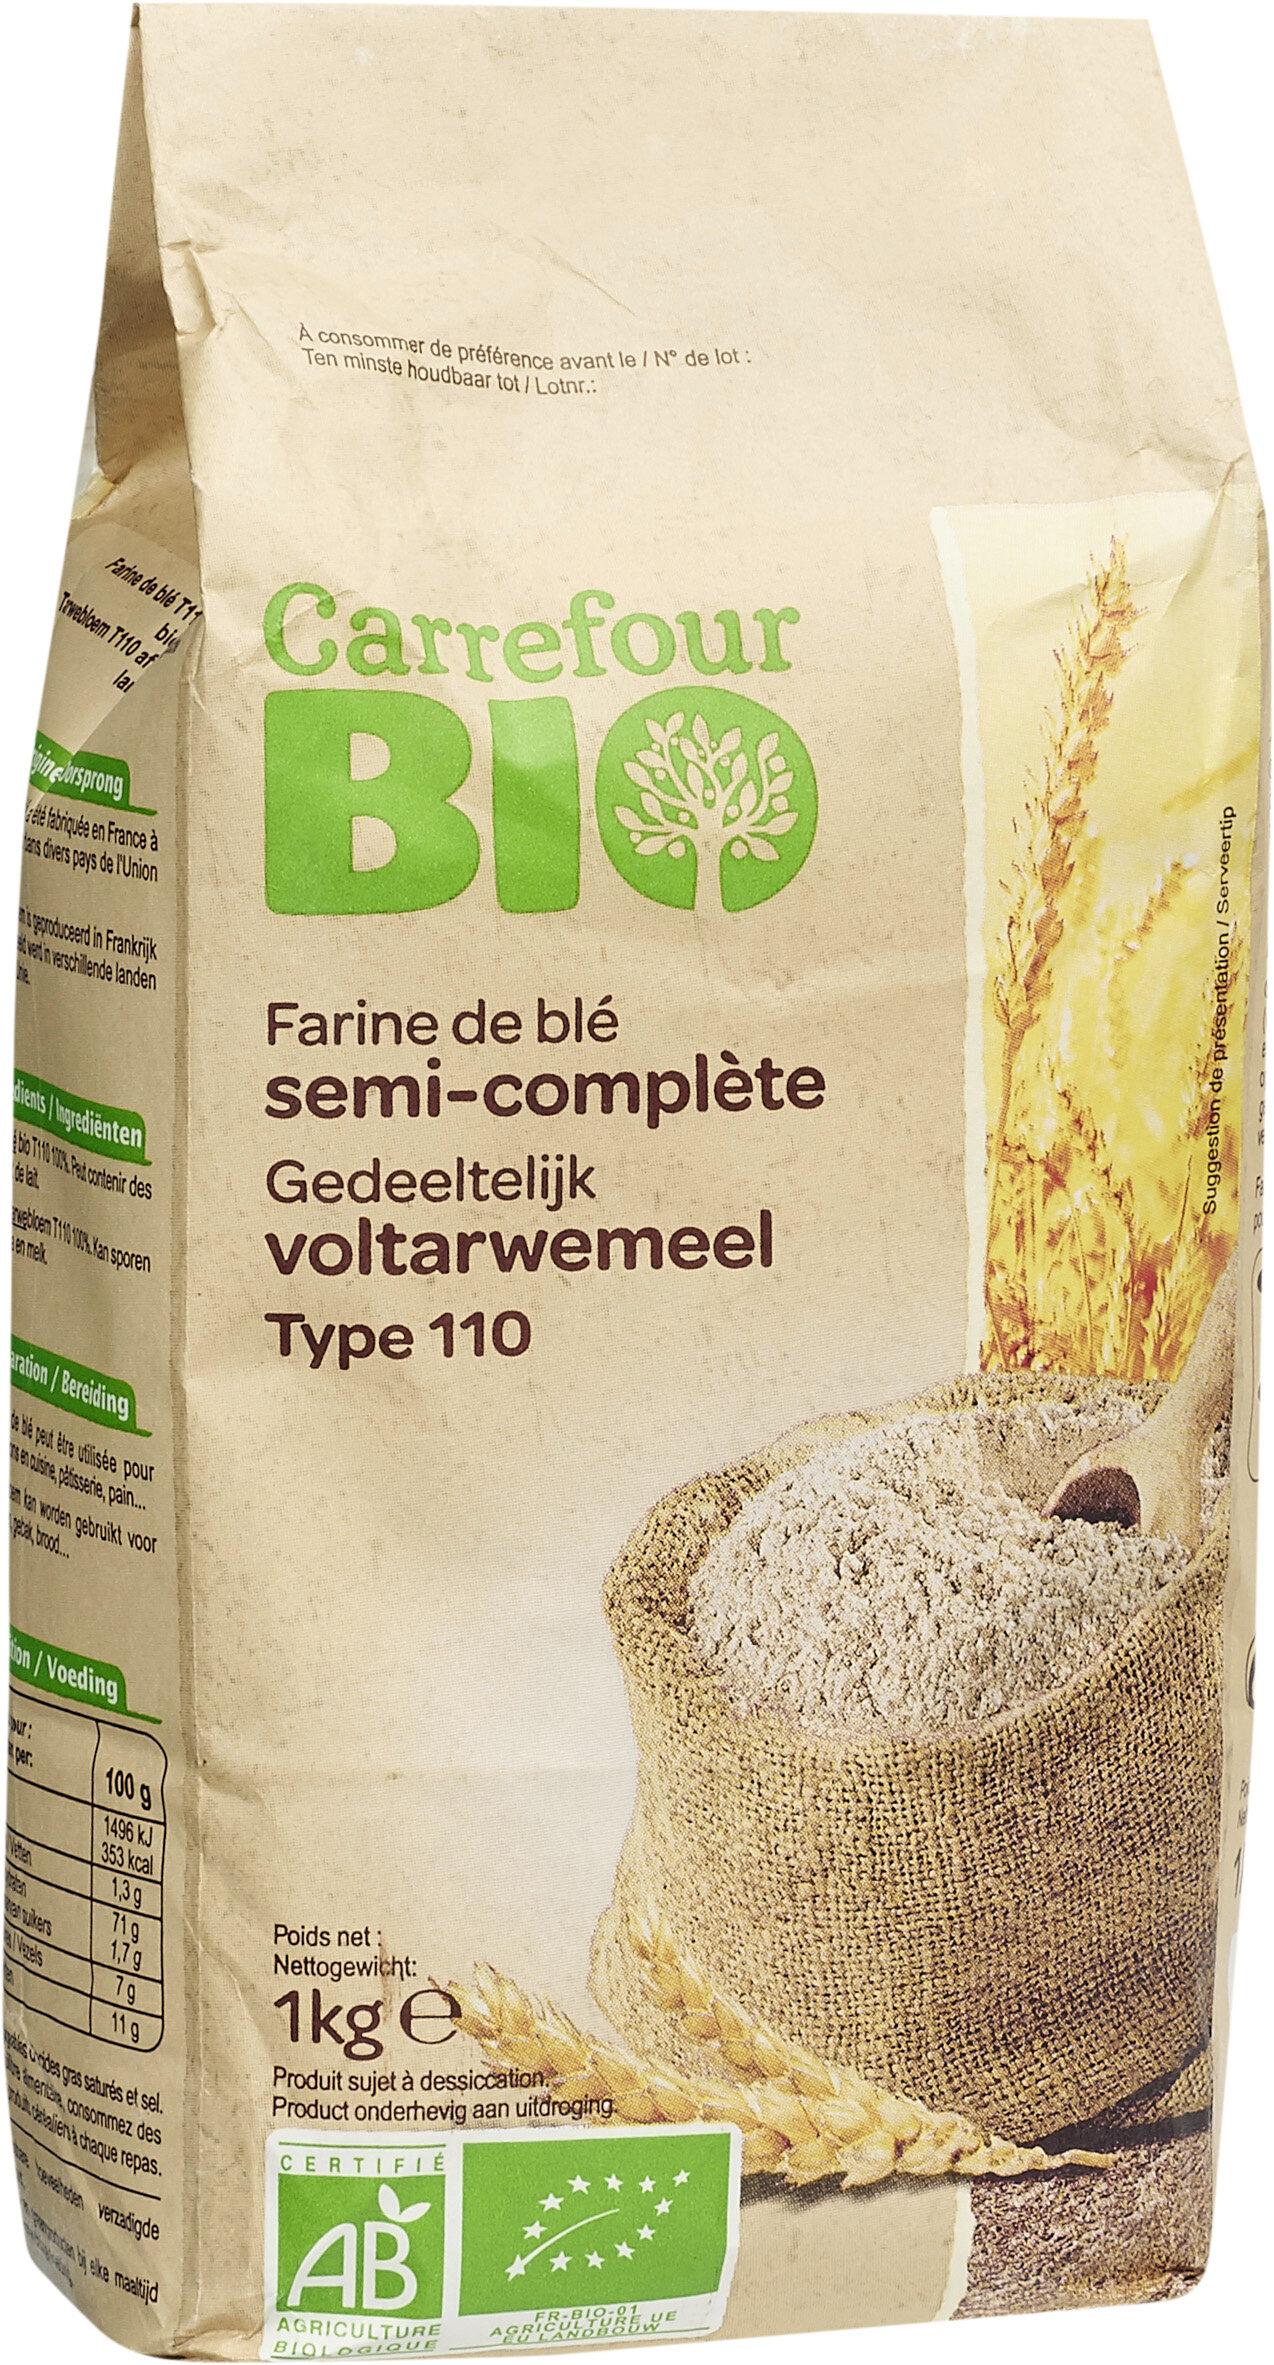 Farine de blé français semi-complète Type110 - Product - fr